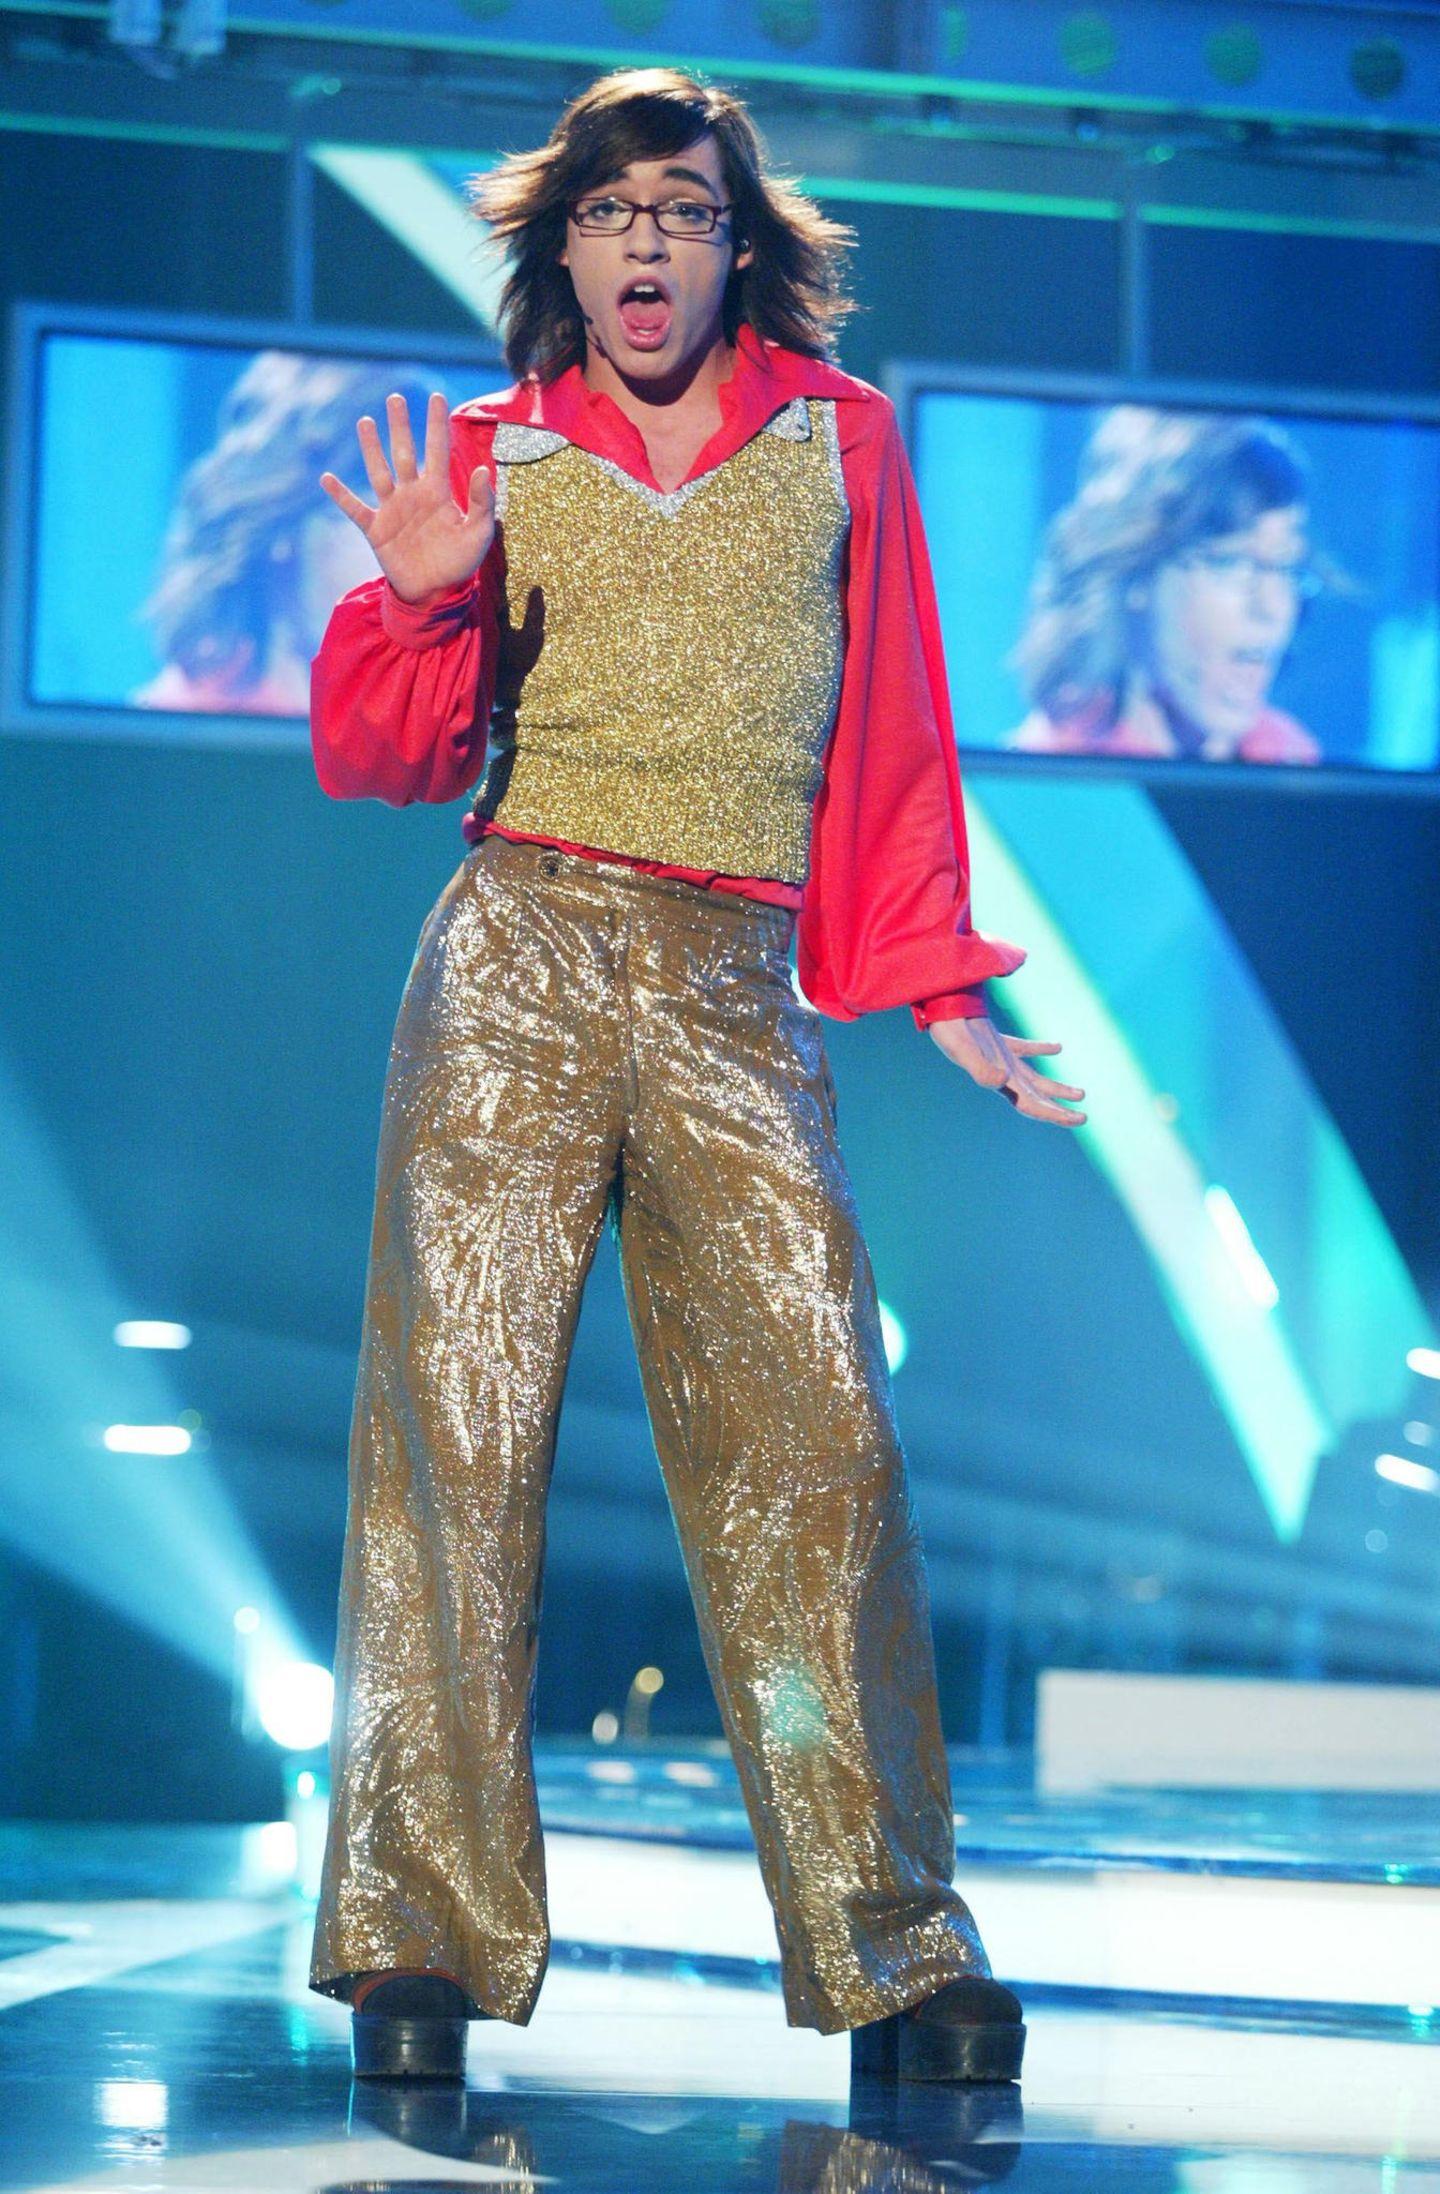 """2002/ 2003  Daniel Küblböck tritt erstmals ins Rampenlicht und nimmt an der Castingshow """"Deutschland sucht den Superstar"""" teil.Er wird mit seiner schrillen Artzu einem Publikumsliebling und zu einemder Lieblinge von Chef-Juror Dieter Bohlen."""